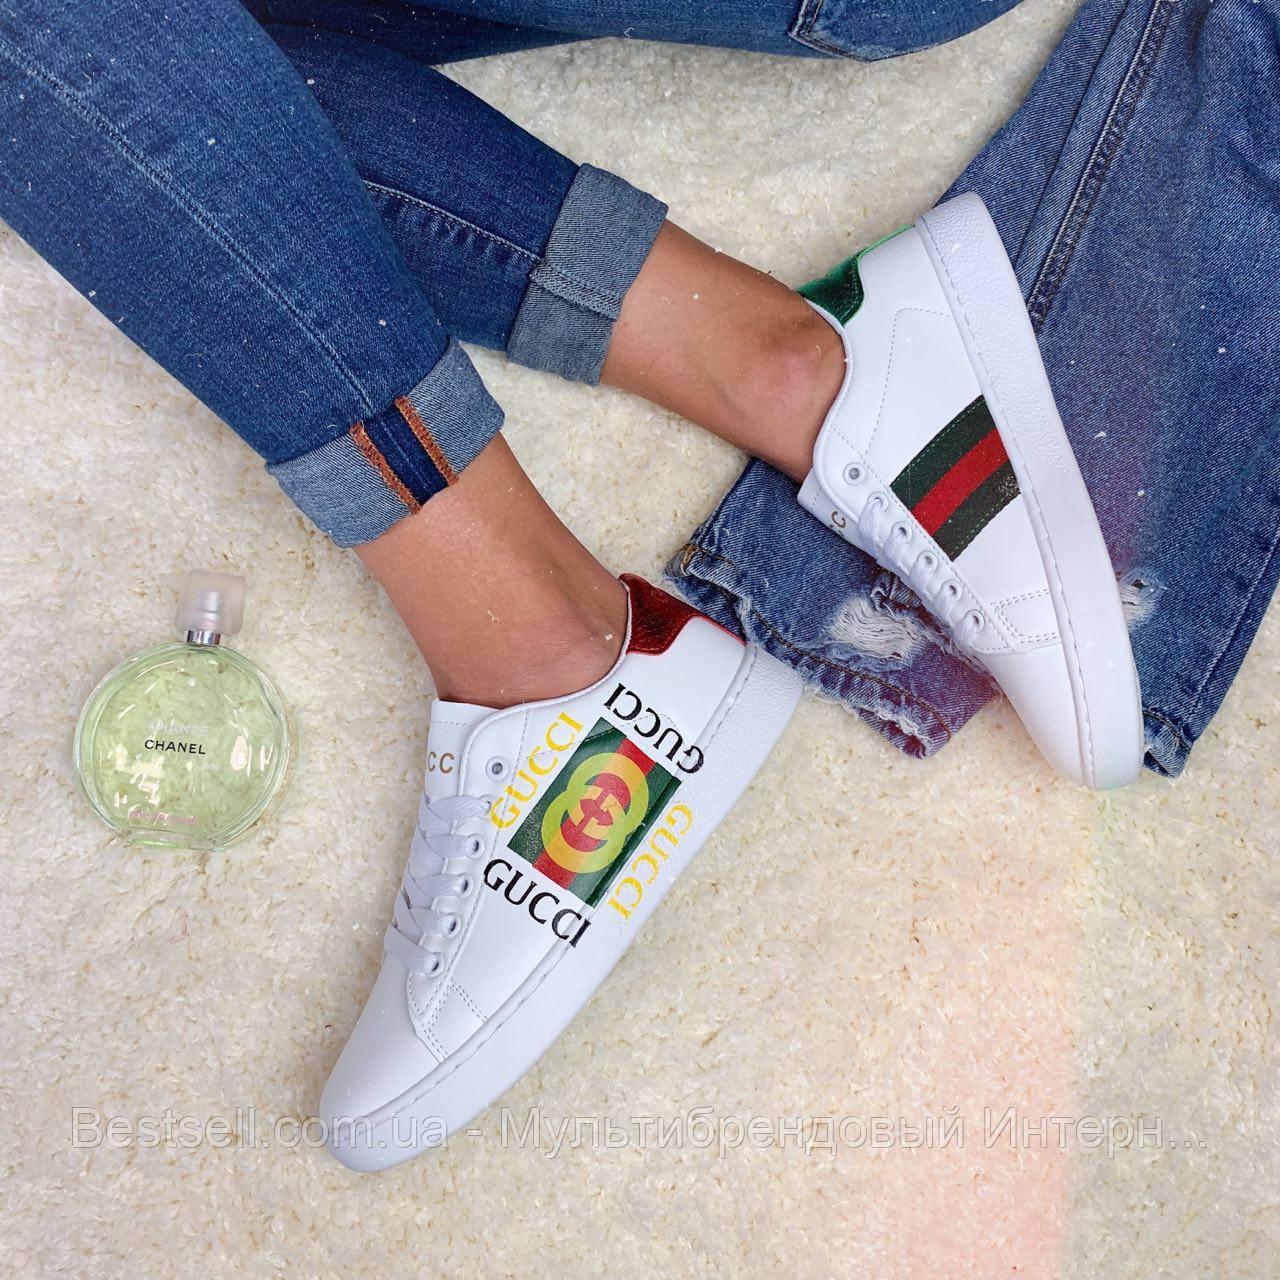 Кросівки Gucci 00010 ⏩ [ 37 останній розмір ]